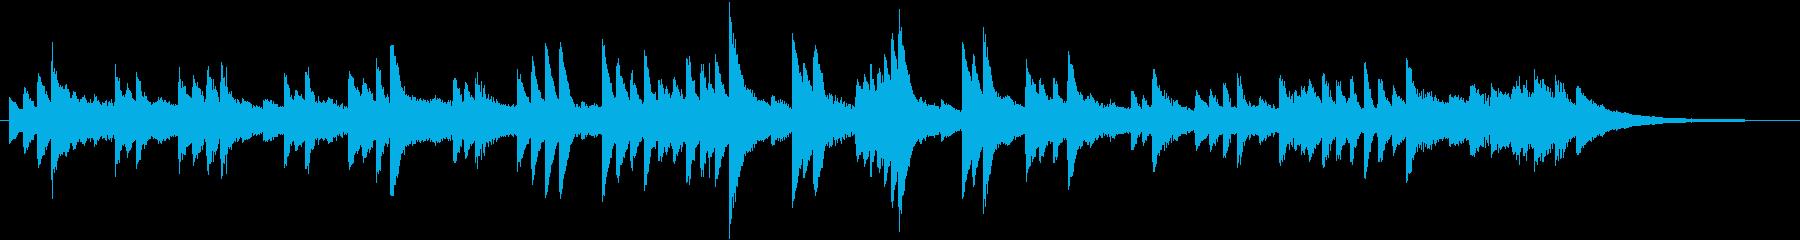 センチメンタルなメロディのピアノジングルの再生済みの波形